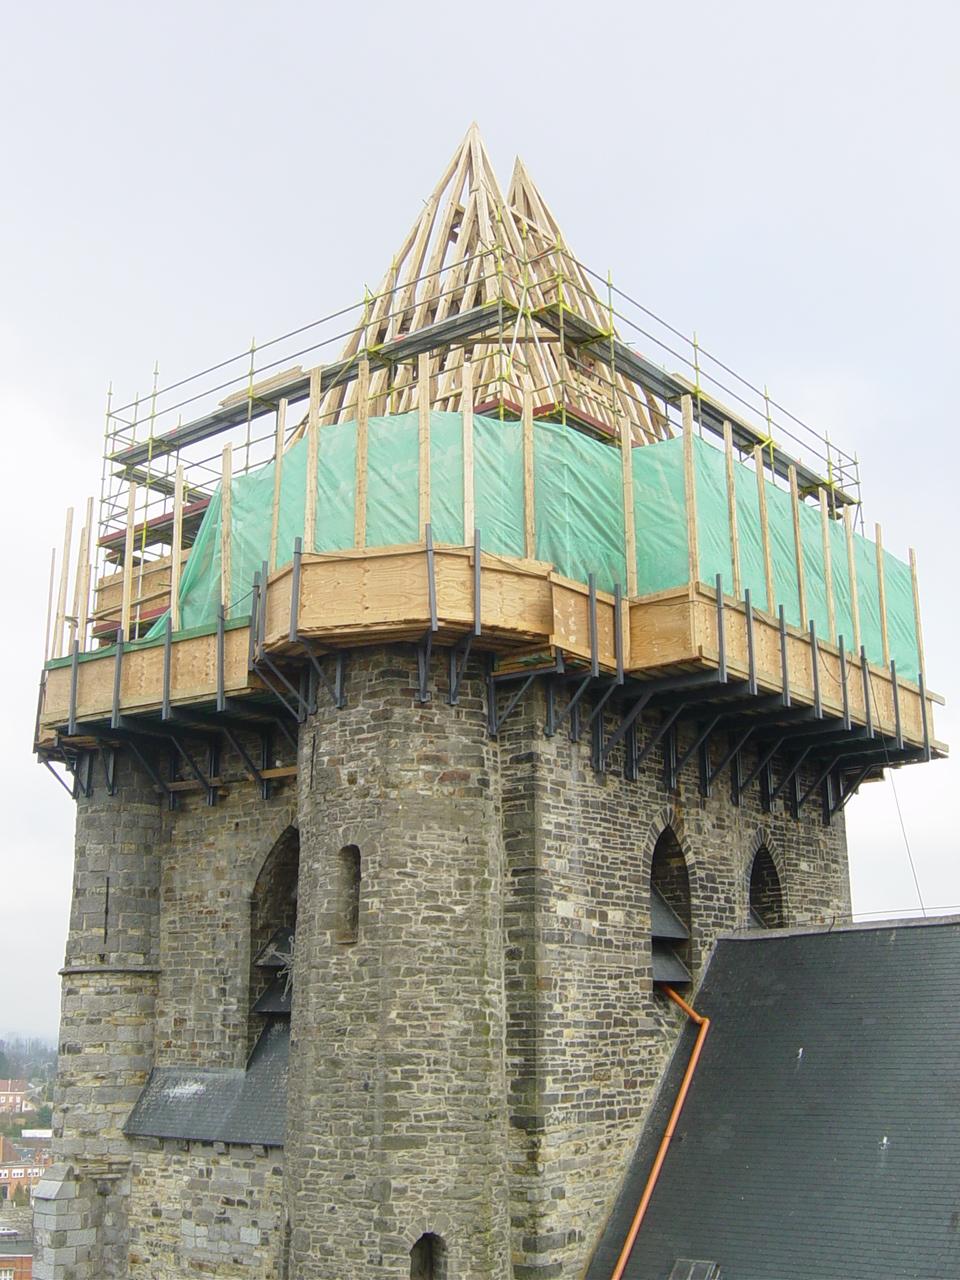 Restauration de la collégiale de soignies par CCBOIS spécialiste de la chaprente en bois en belgique